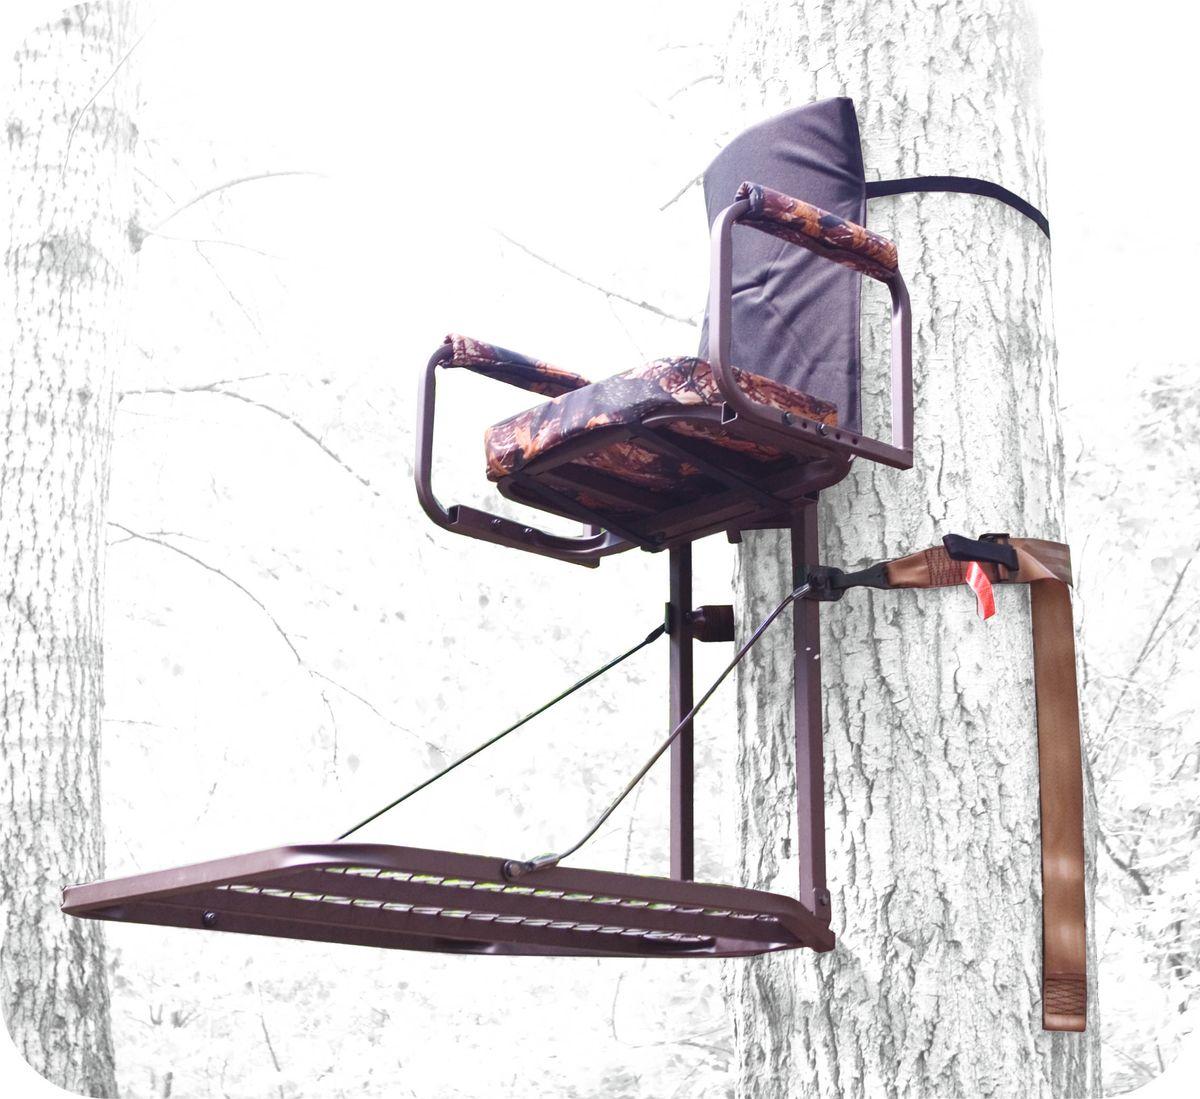 Засидка на дерево Canadian Camper CC-TS501, складная нож canadian camper цвет красный стальной 21 см cc n300 203